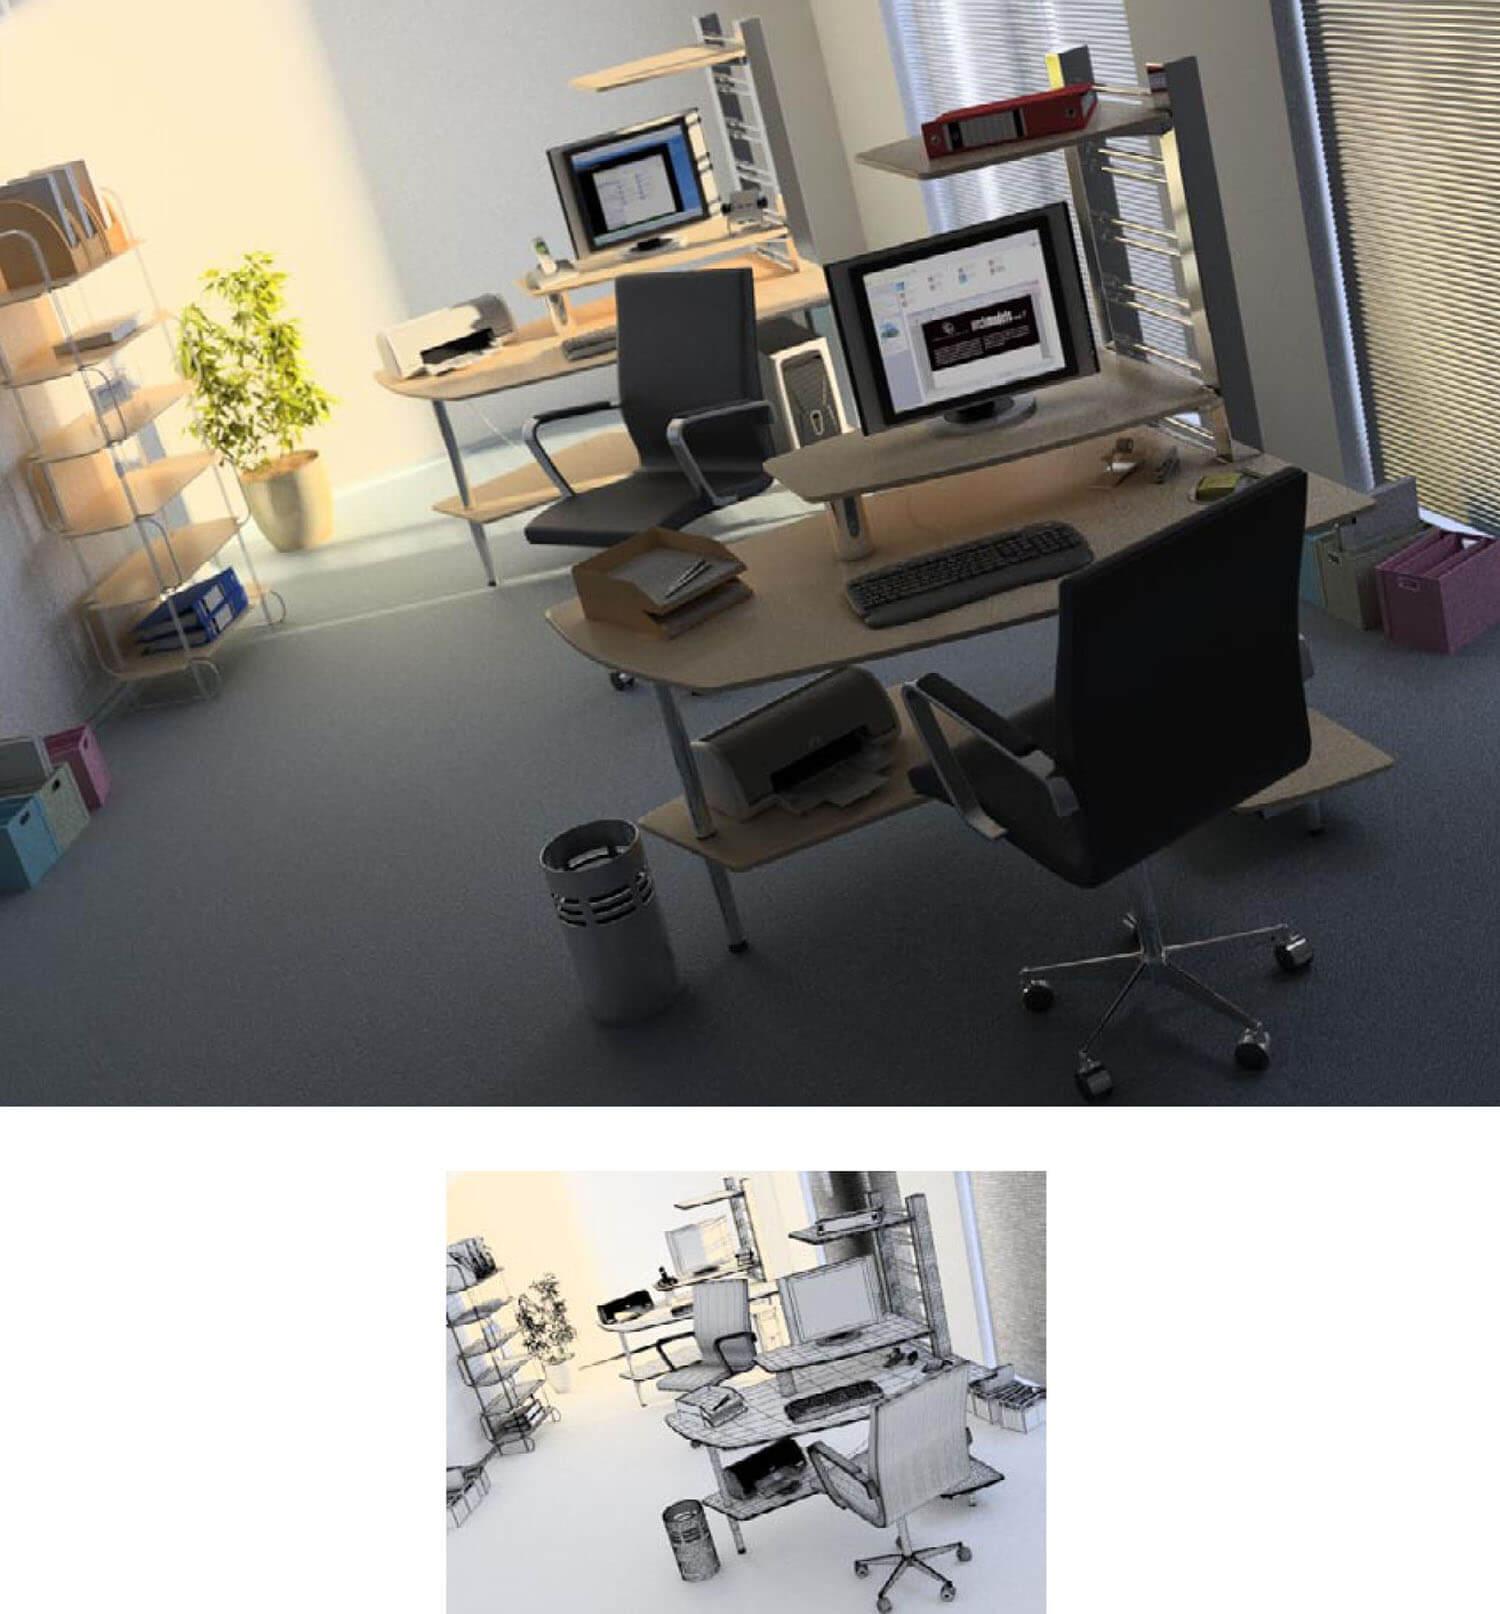 Thiết kế văn phòng làm việc sử dụng vách kính lớn và rèm đem lại sự thông thoáng tối đa khi cần